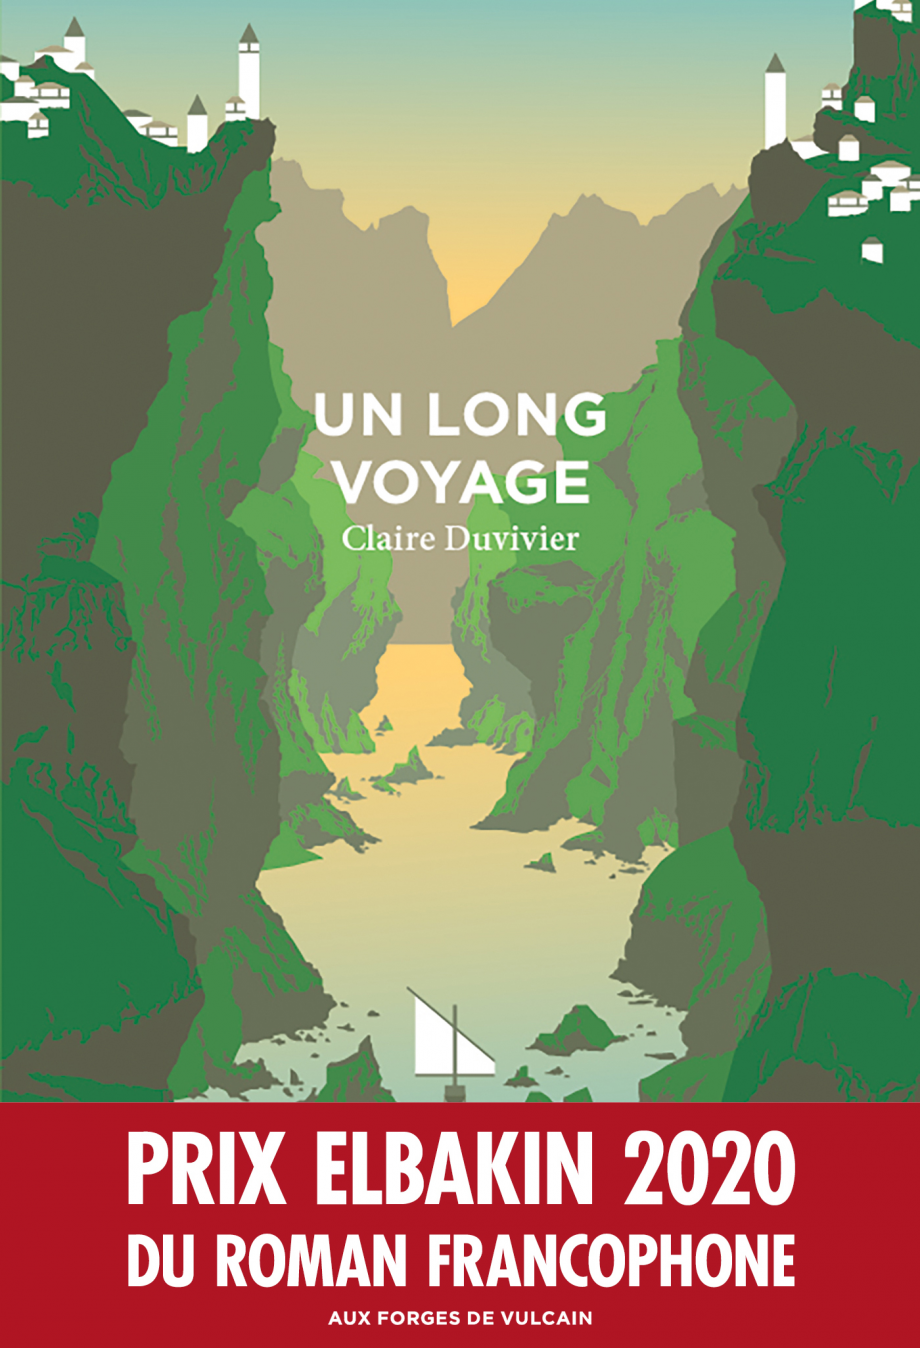 «Un long voyage», de Claire Duvivier